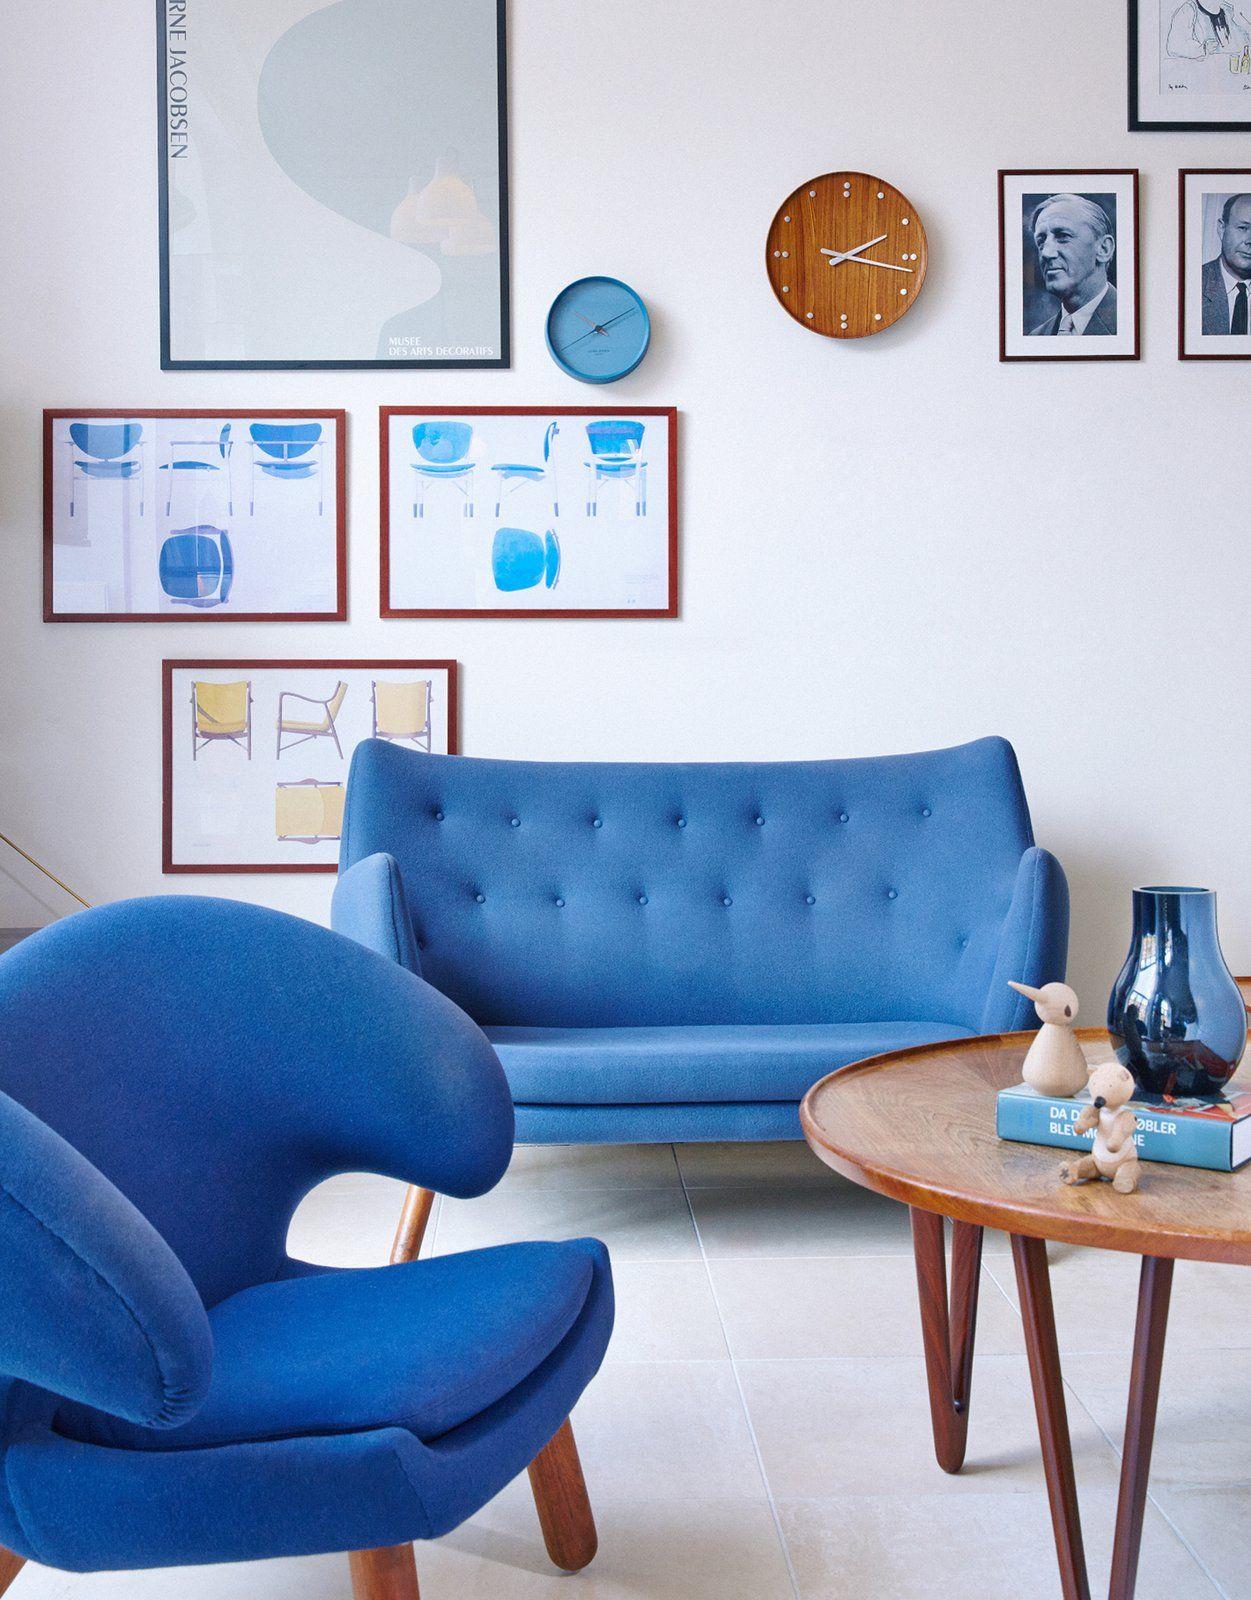 Get Your Fix Of Midcentury Scandinavian Design At This Copenhagen Hotel Hotel Room Design Modern Hotel Room Scandinavian Mid Century Modern